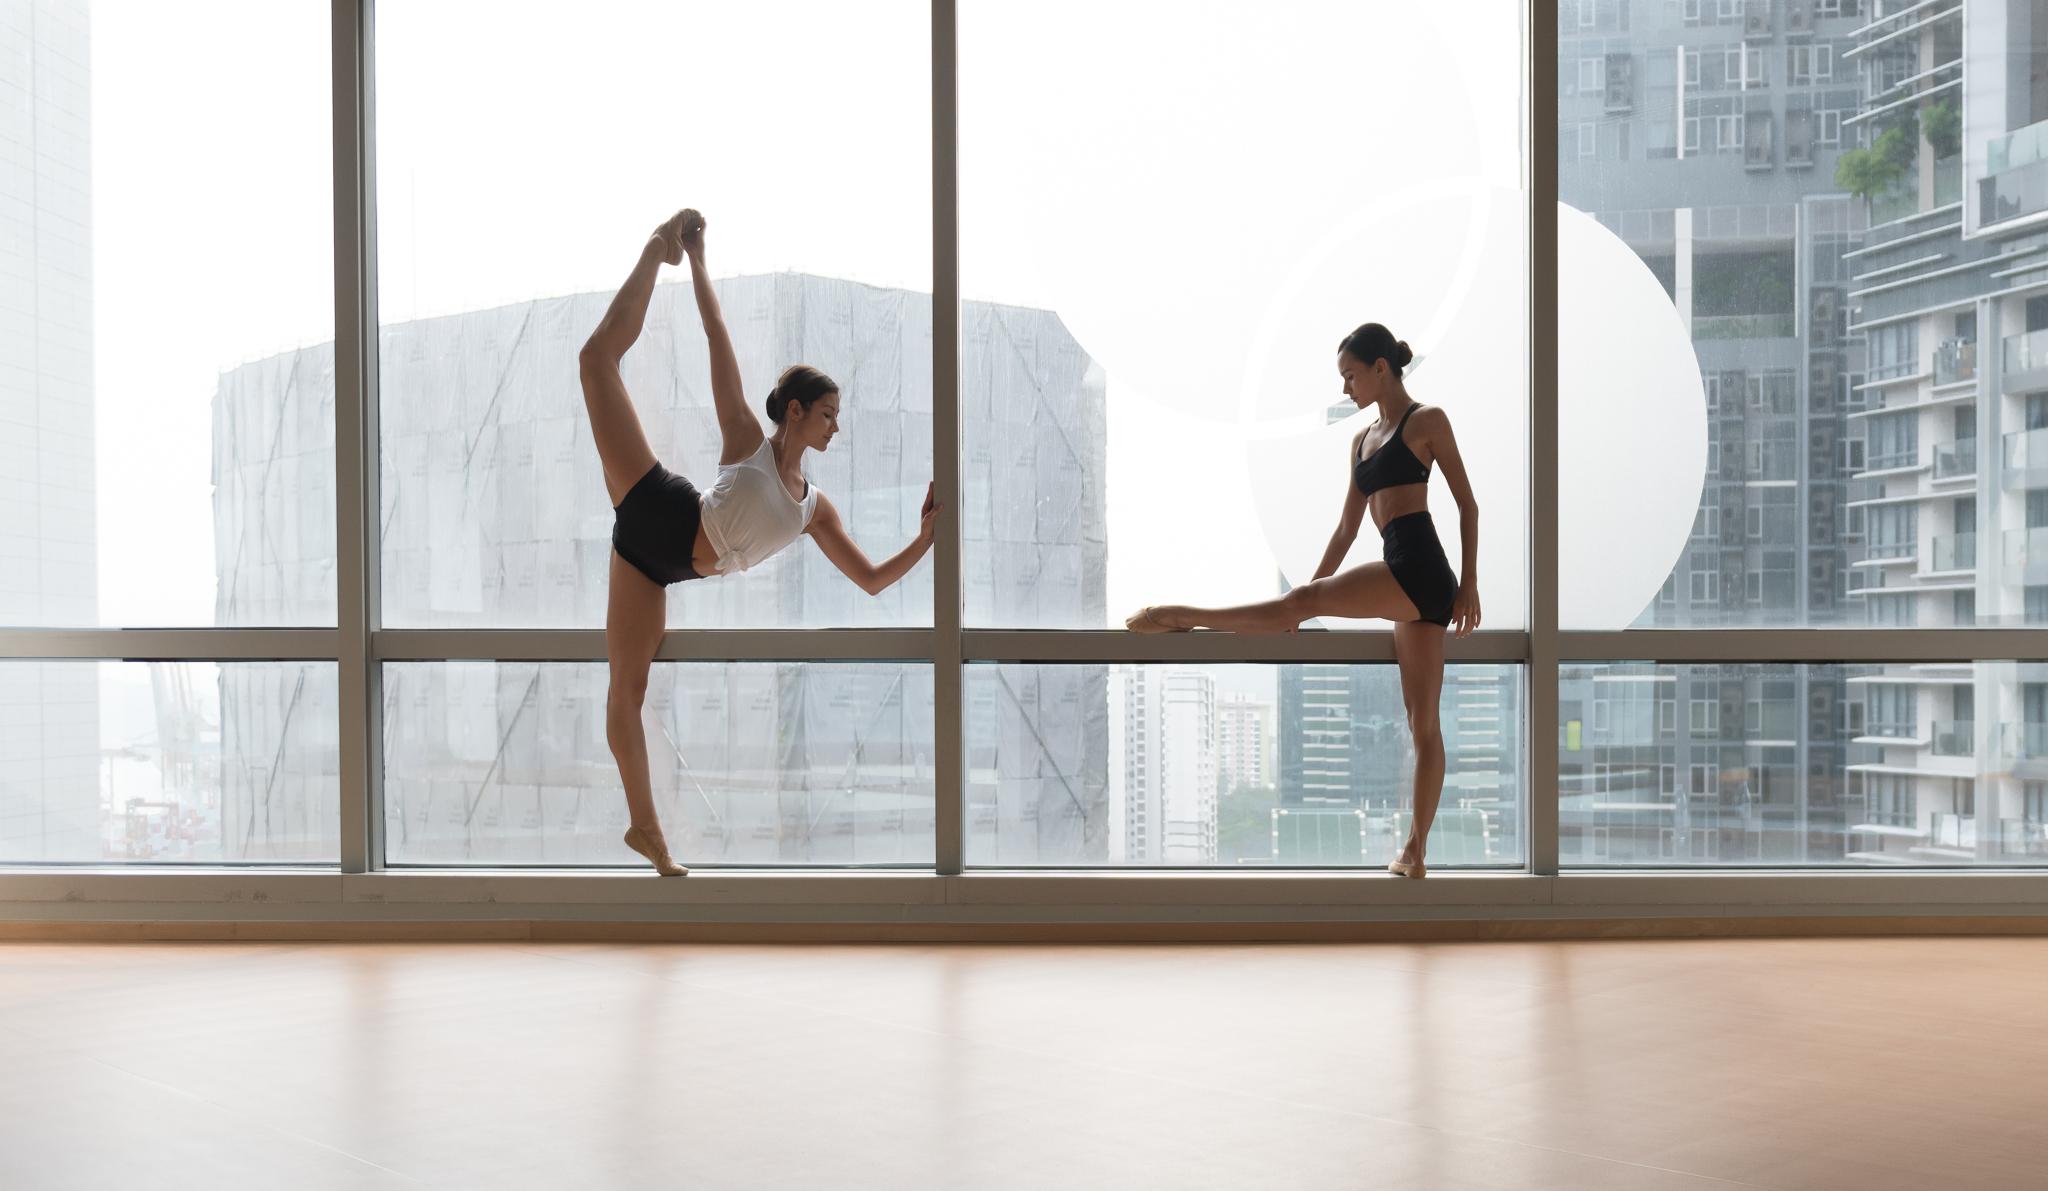 Lisha and Alison for BalletBody.sg